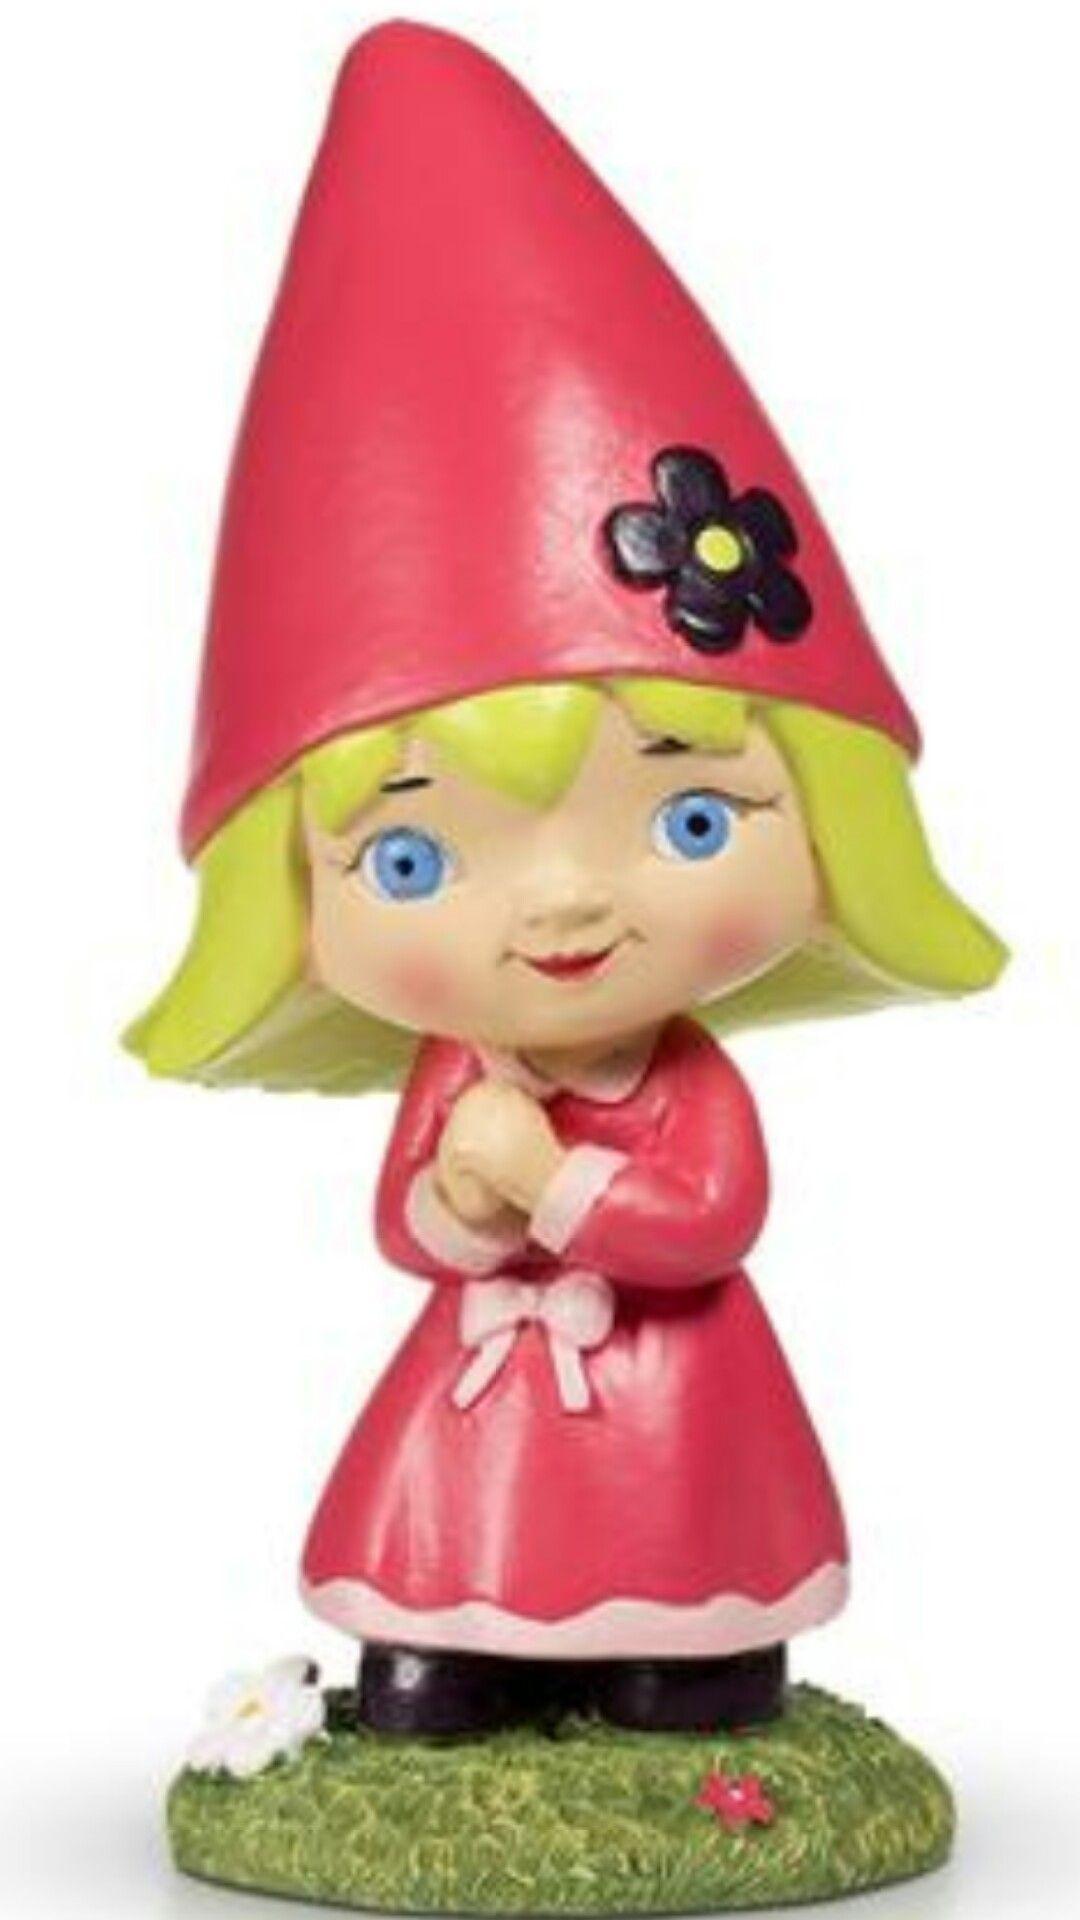 Incroyable Little Girl Garden Gnome